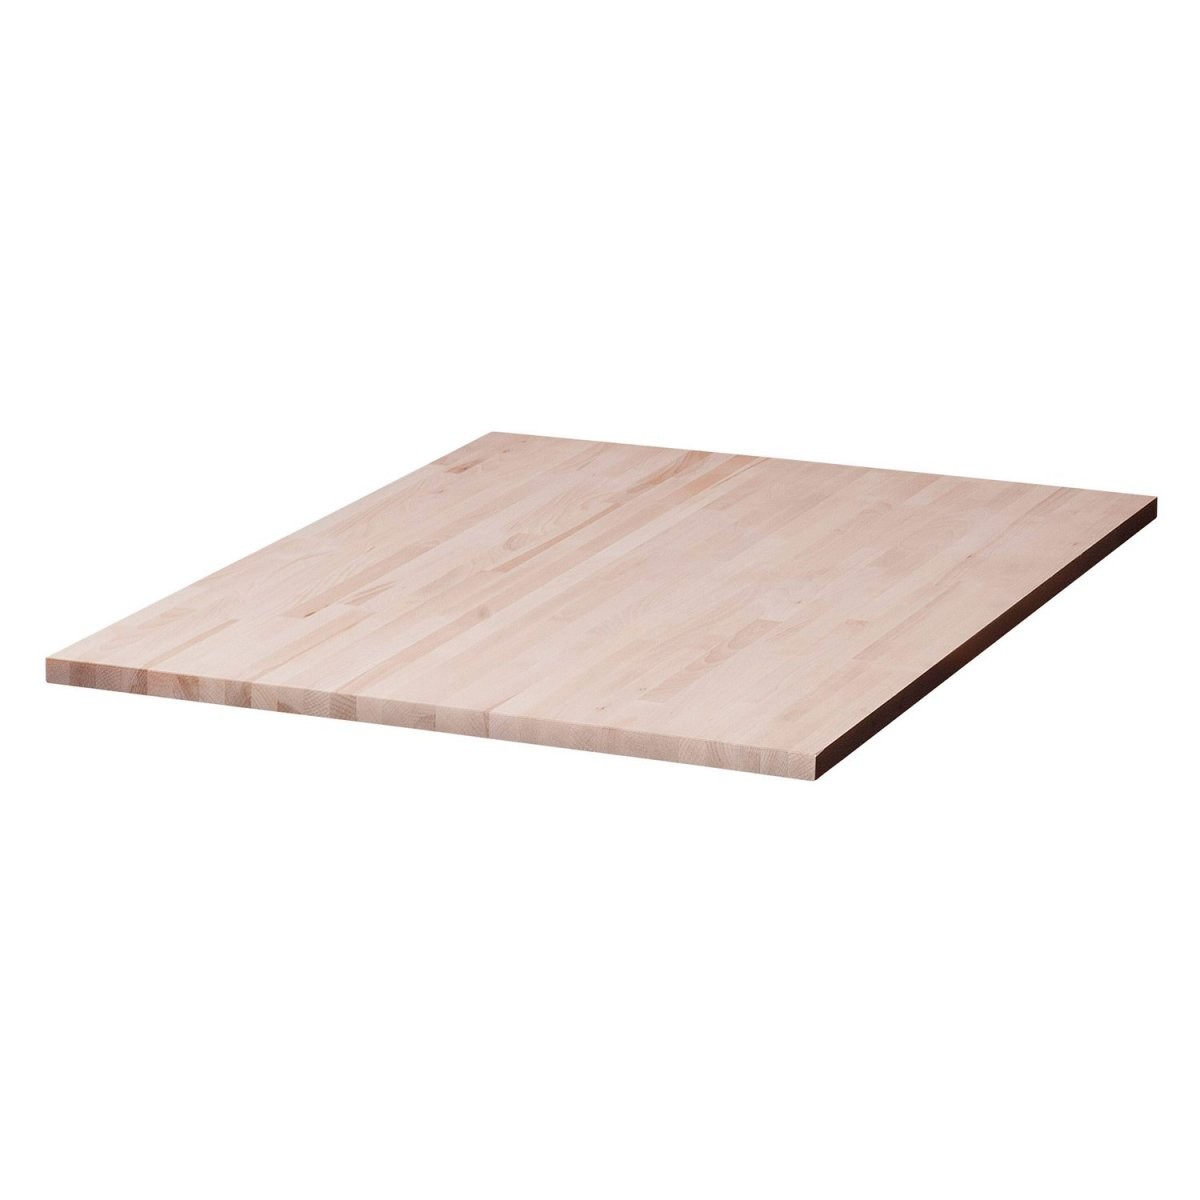 Tischplatte Kaufen Bei Obi von Tischplatte Nach Maß Kunststoff Photo